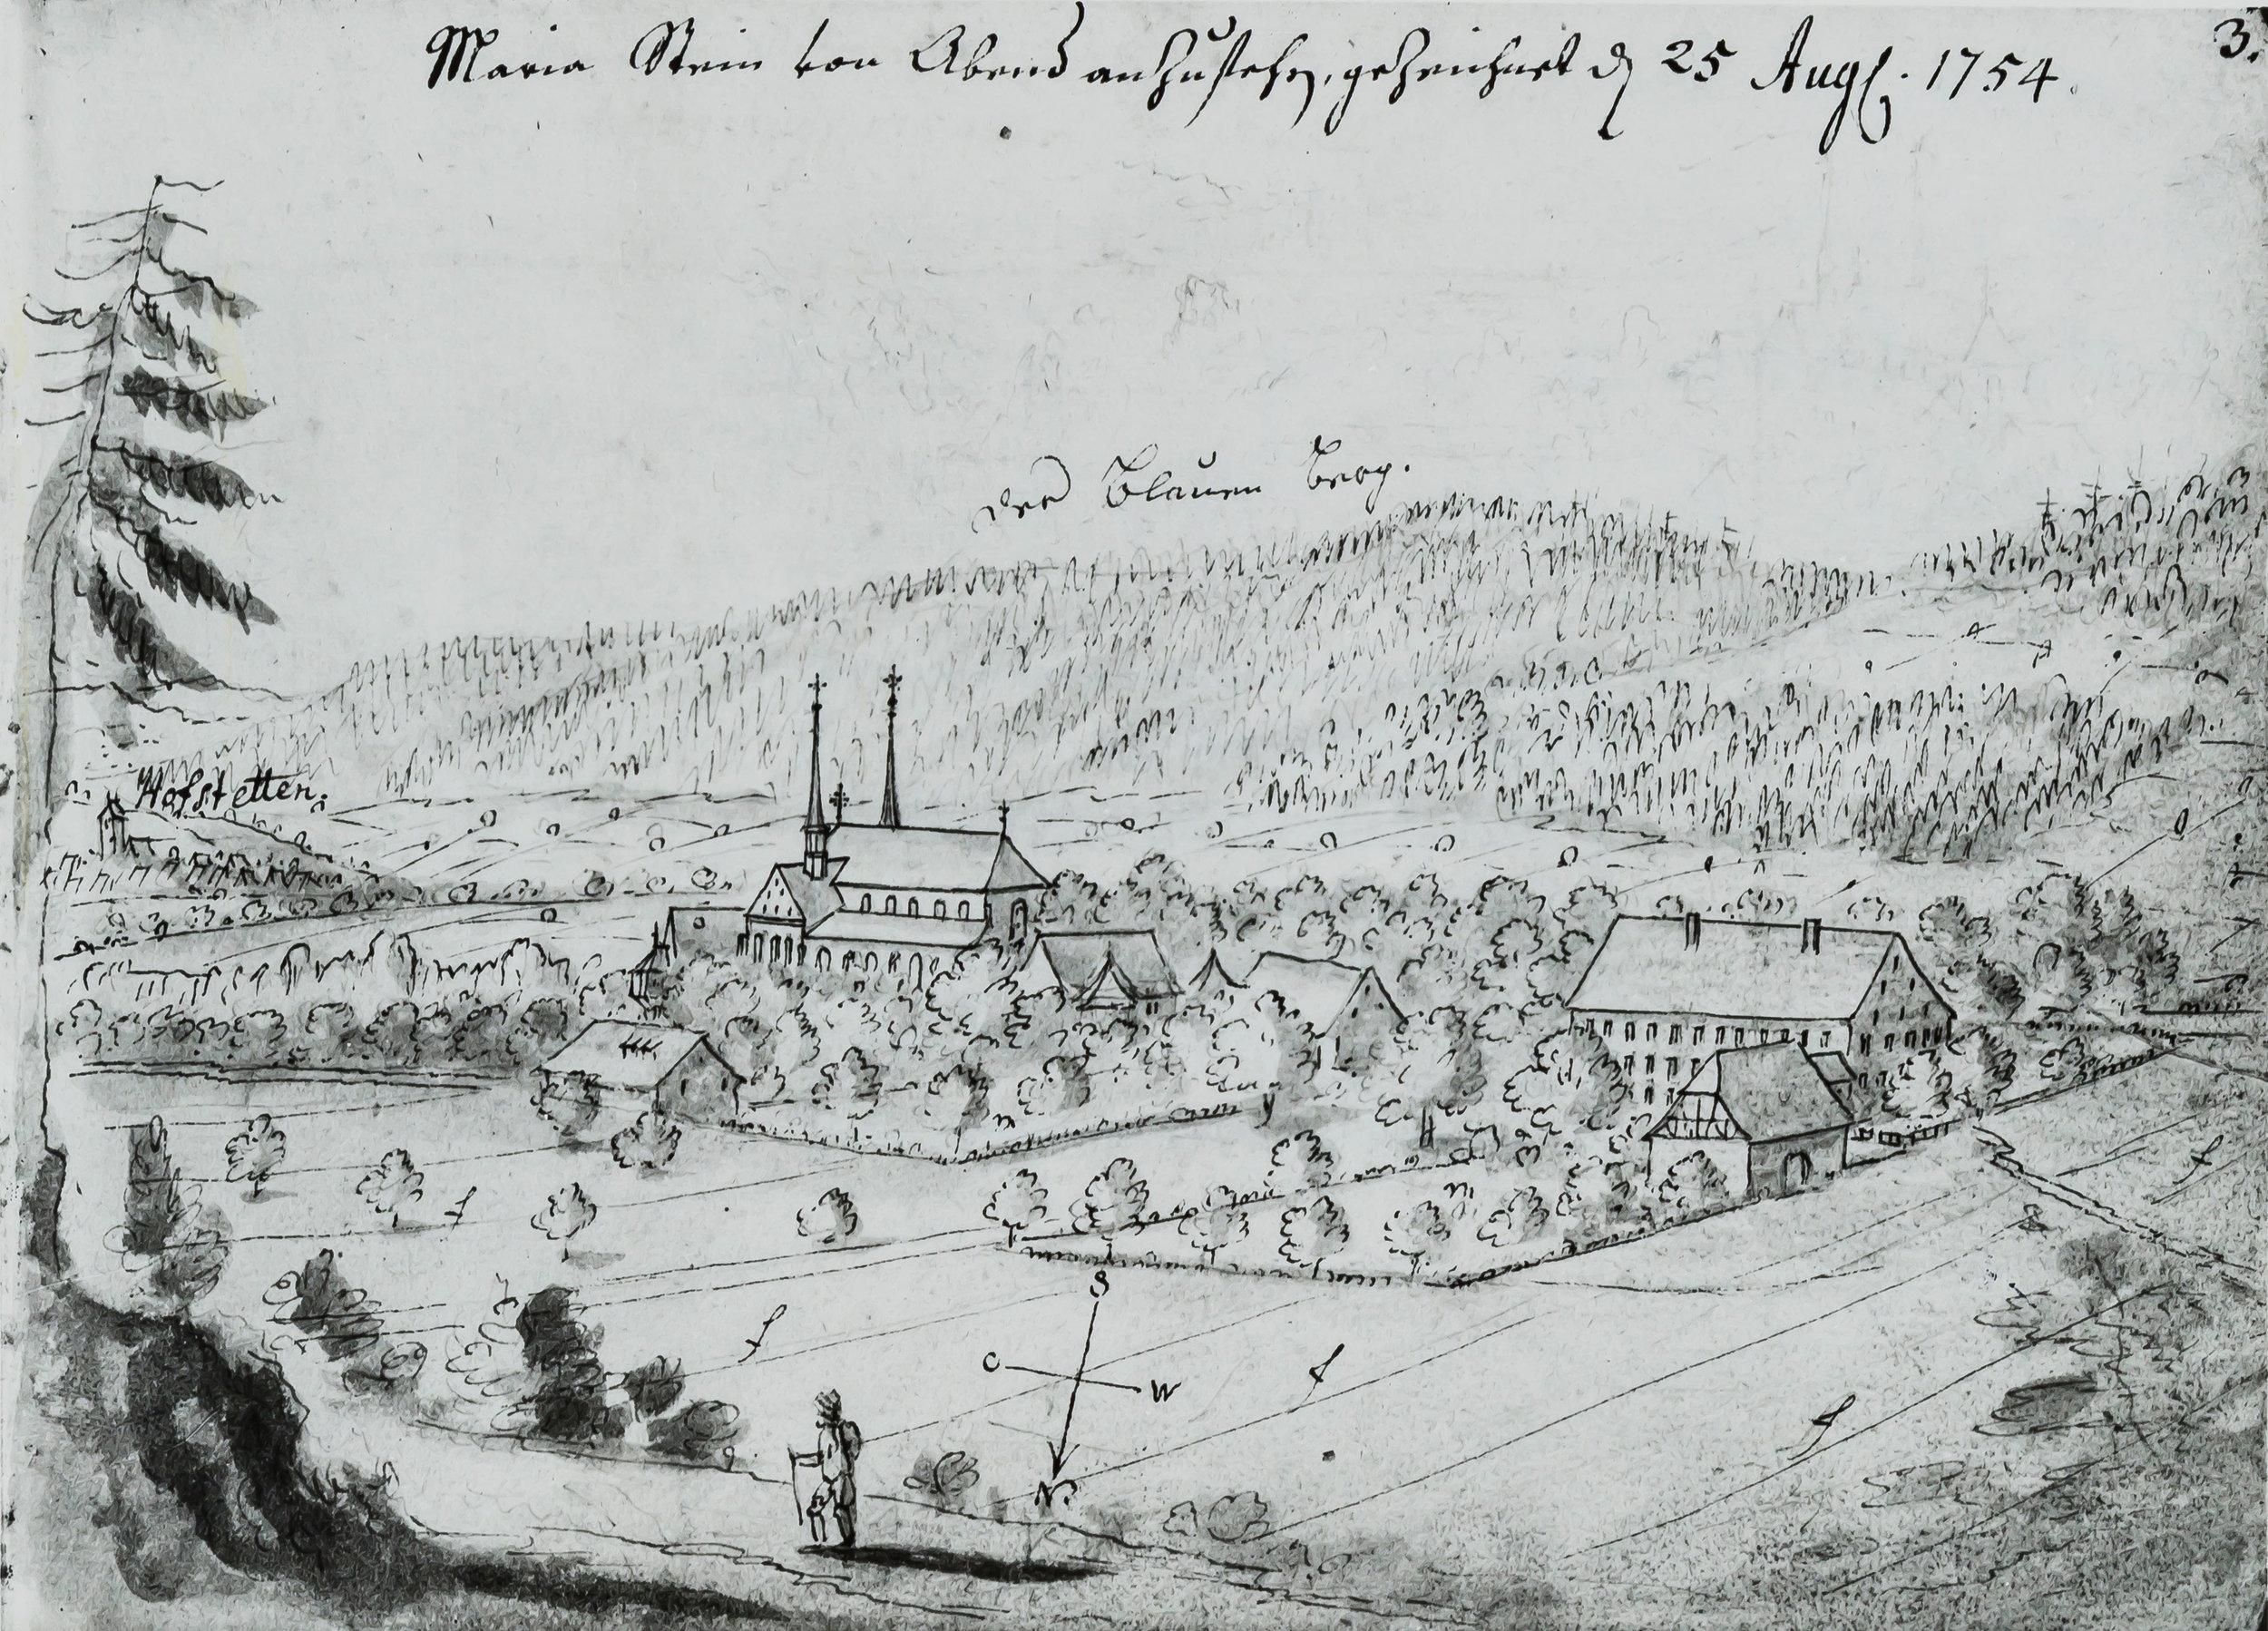 Ansicht Kloster Mariastein mit dem Pilgerwirtshaus zum Kreuz am rechten Bildrand. Federzeichnung. von Emanuel Büchel, 1754. Aus dem Kupferstichkabinett Basel